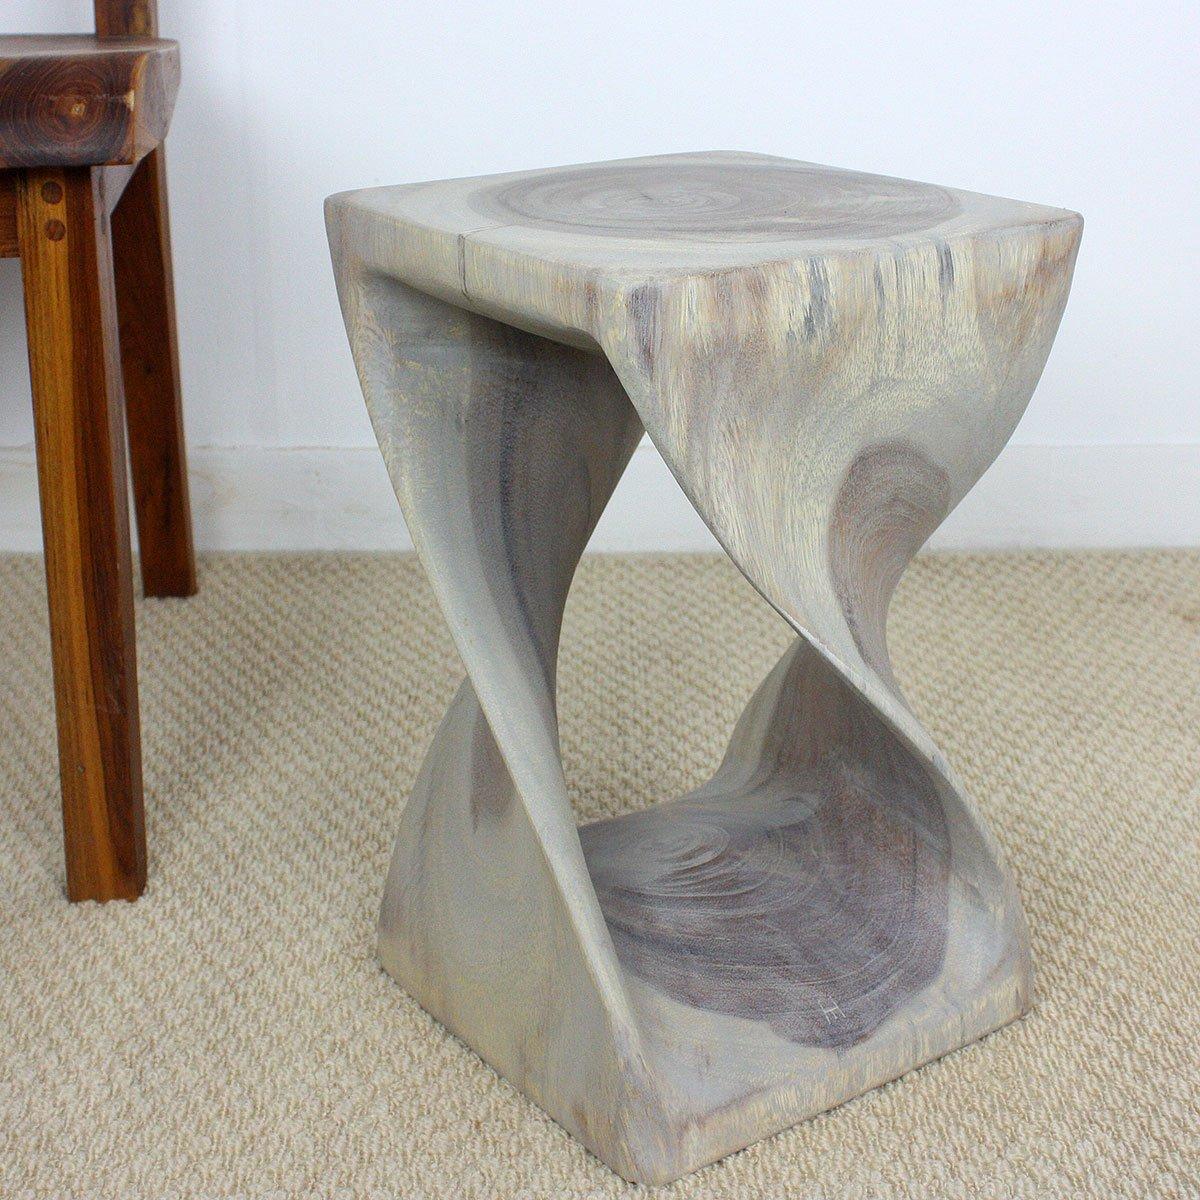 Strata Furniture TS1016-AGR Twist End Table, Grey, 16''